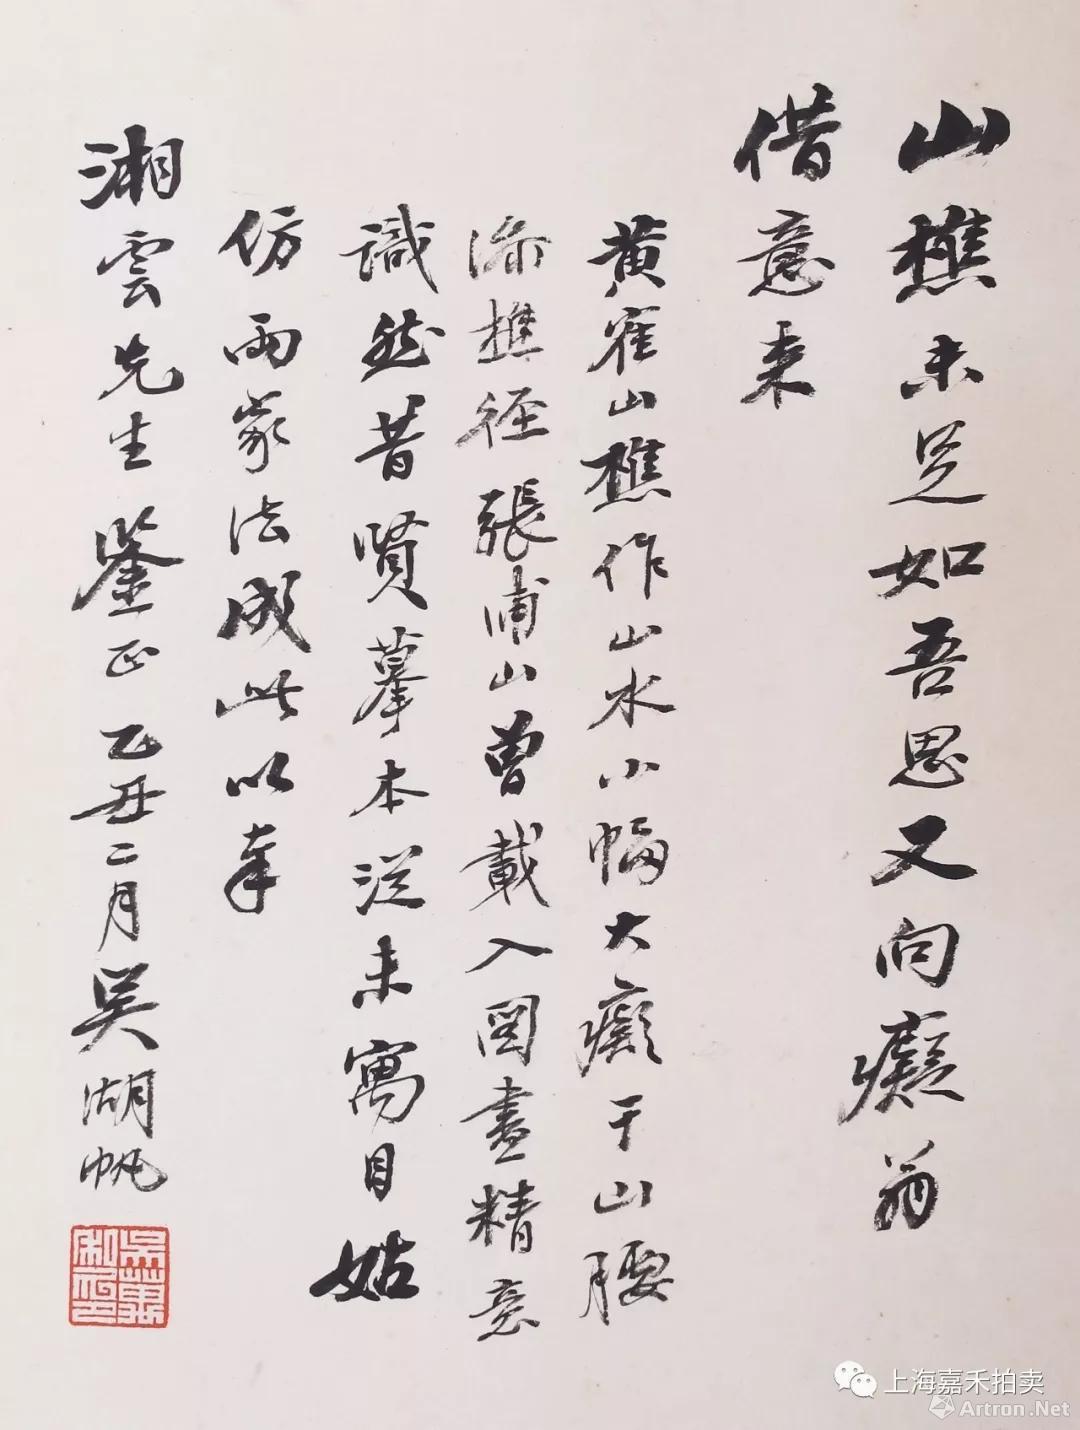 上海嘉禾2018春拍吴湖帆早期青绿山水画《拟黄王笔意》鉴赏